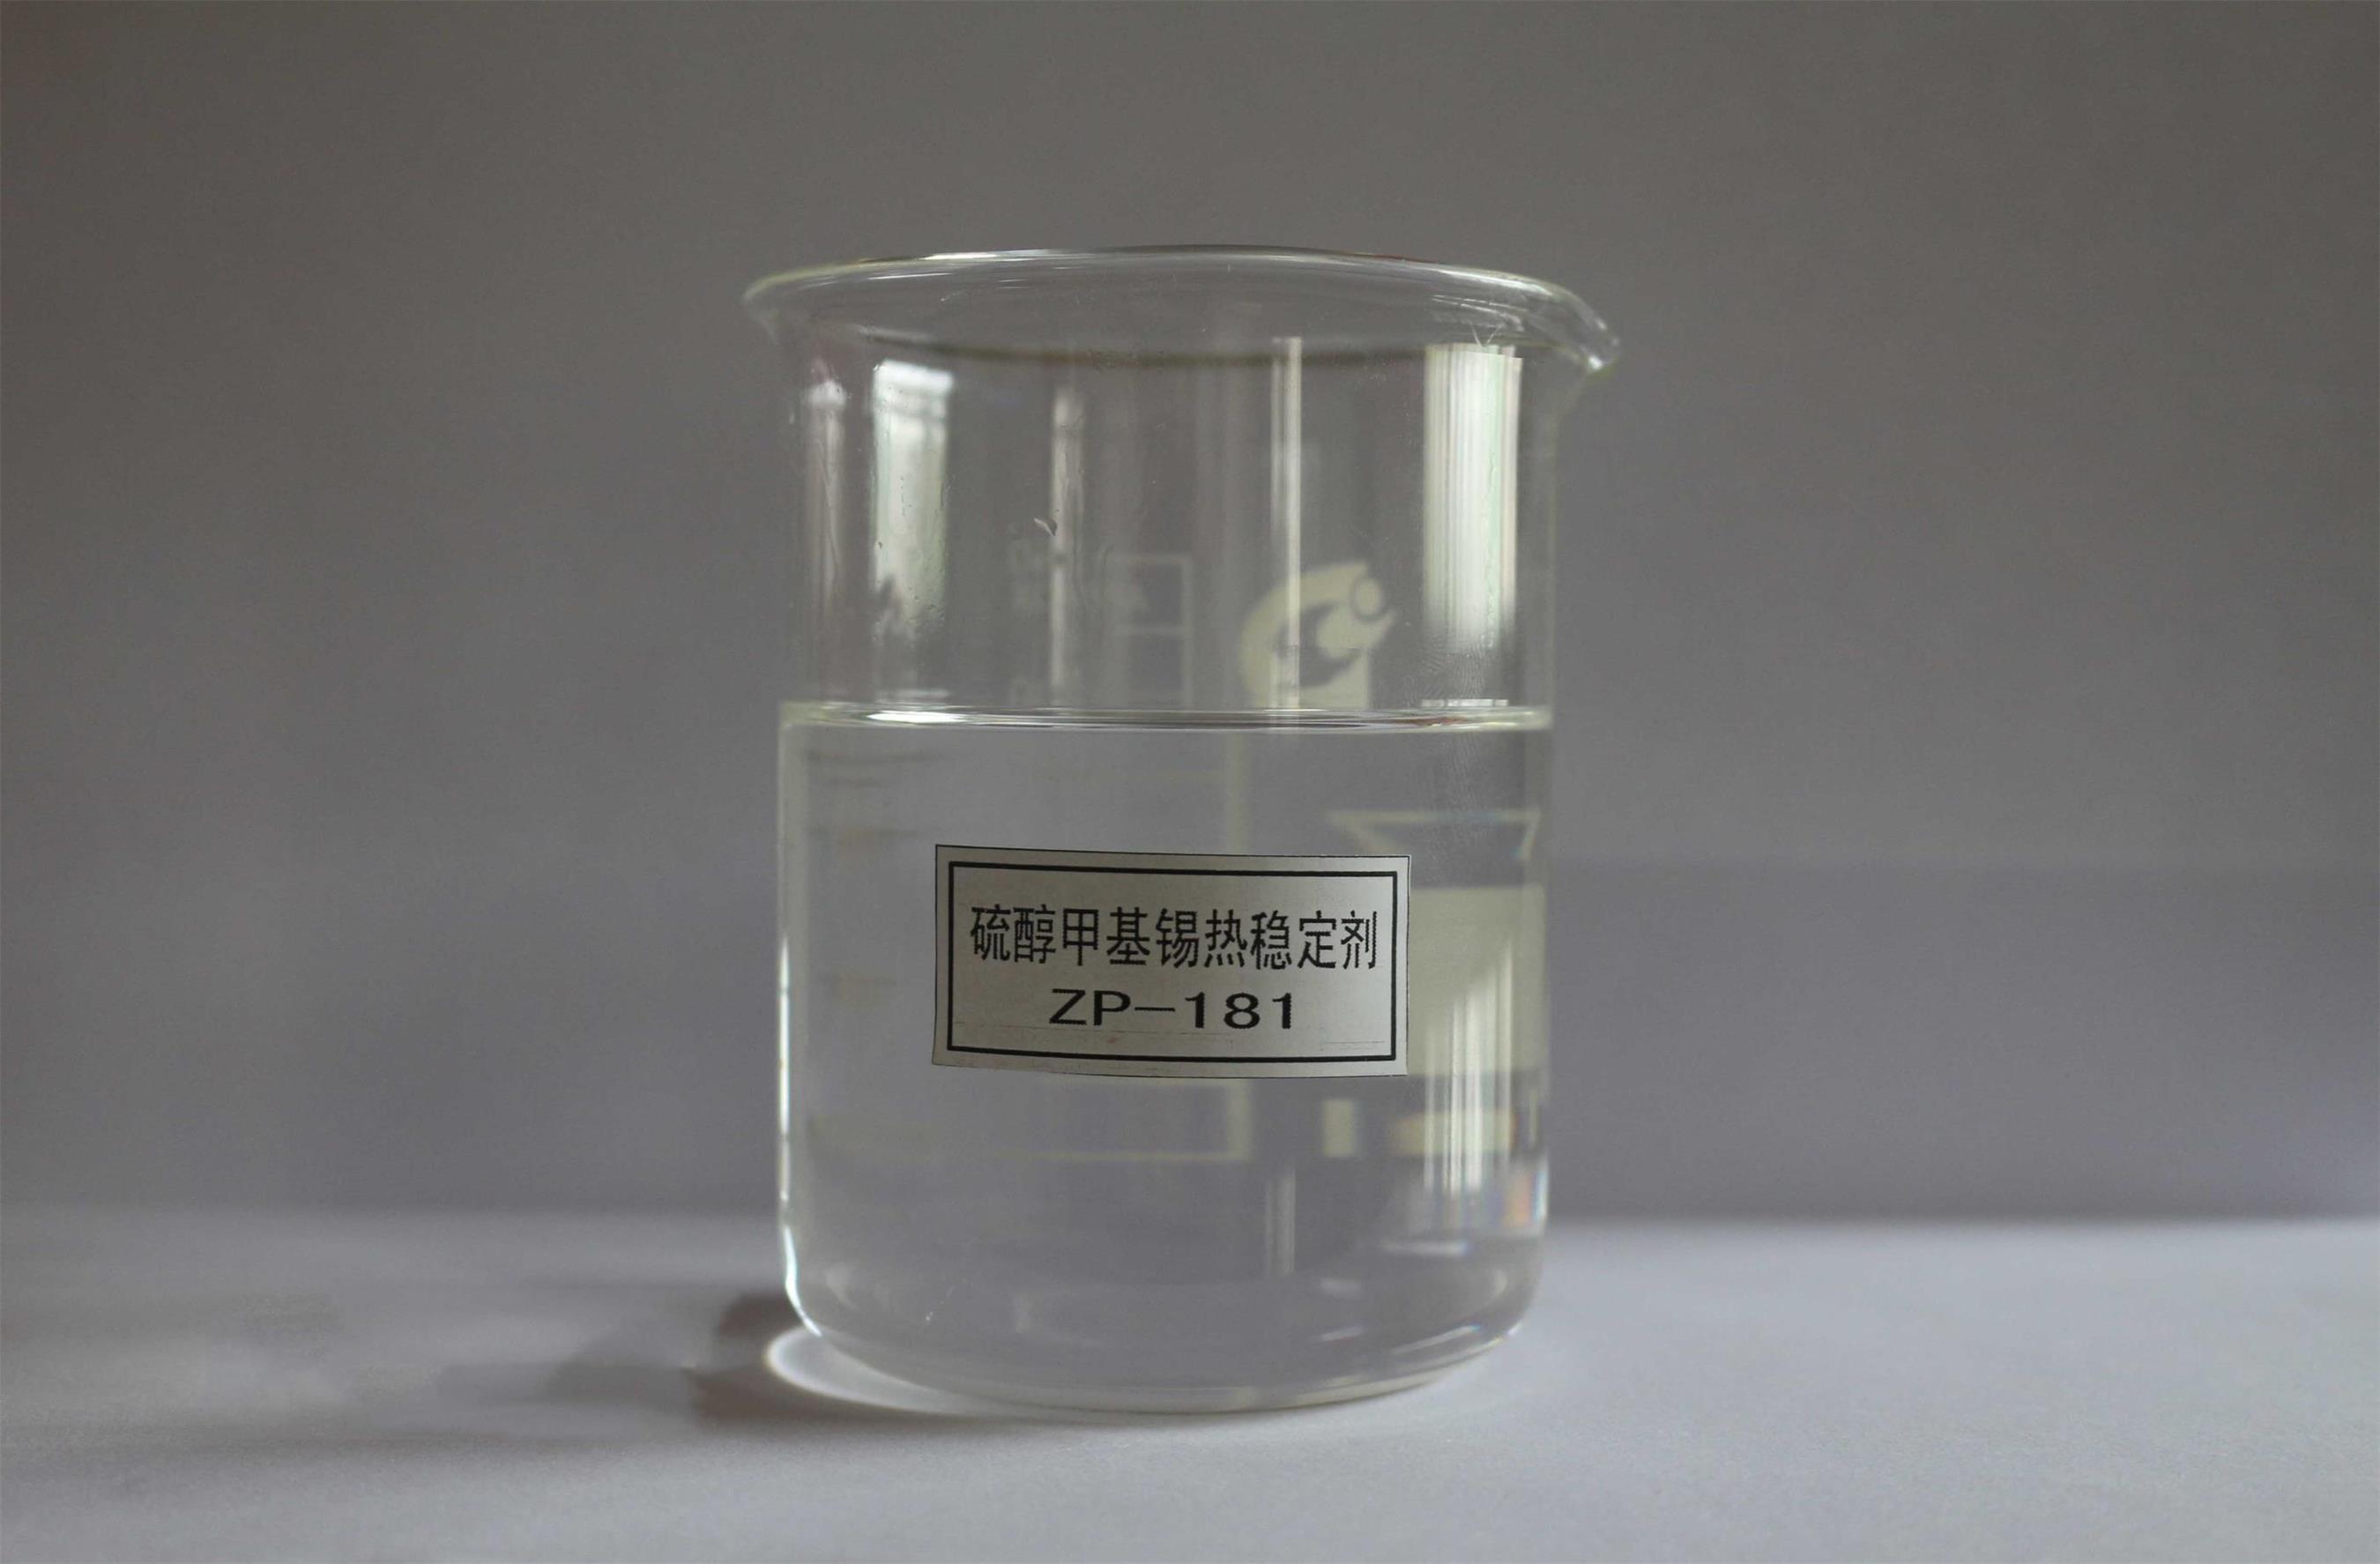 環保熱穩定劑@環保穩定劑廠家《玉光》環保穩定劑價格